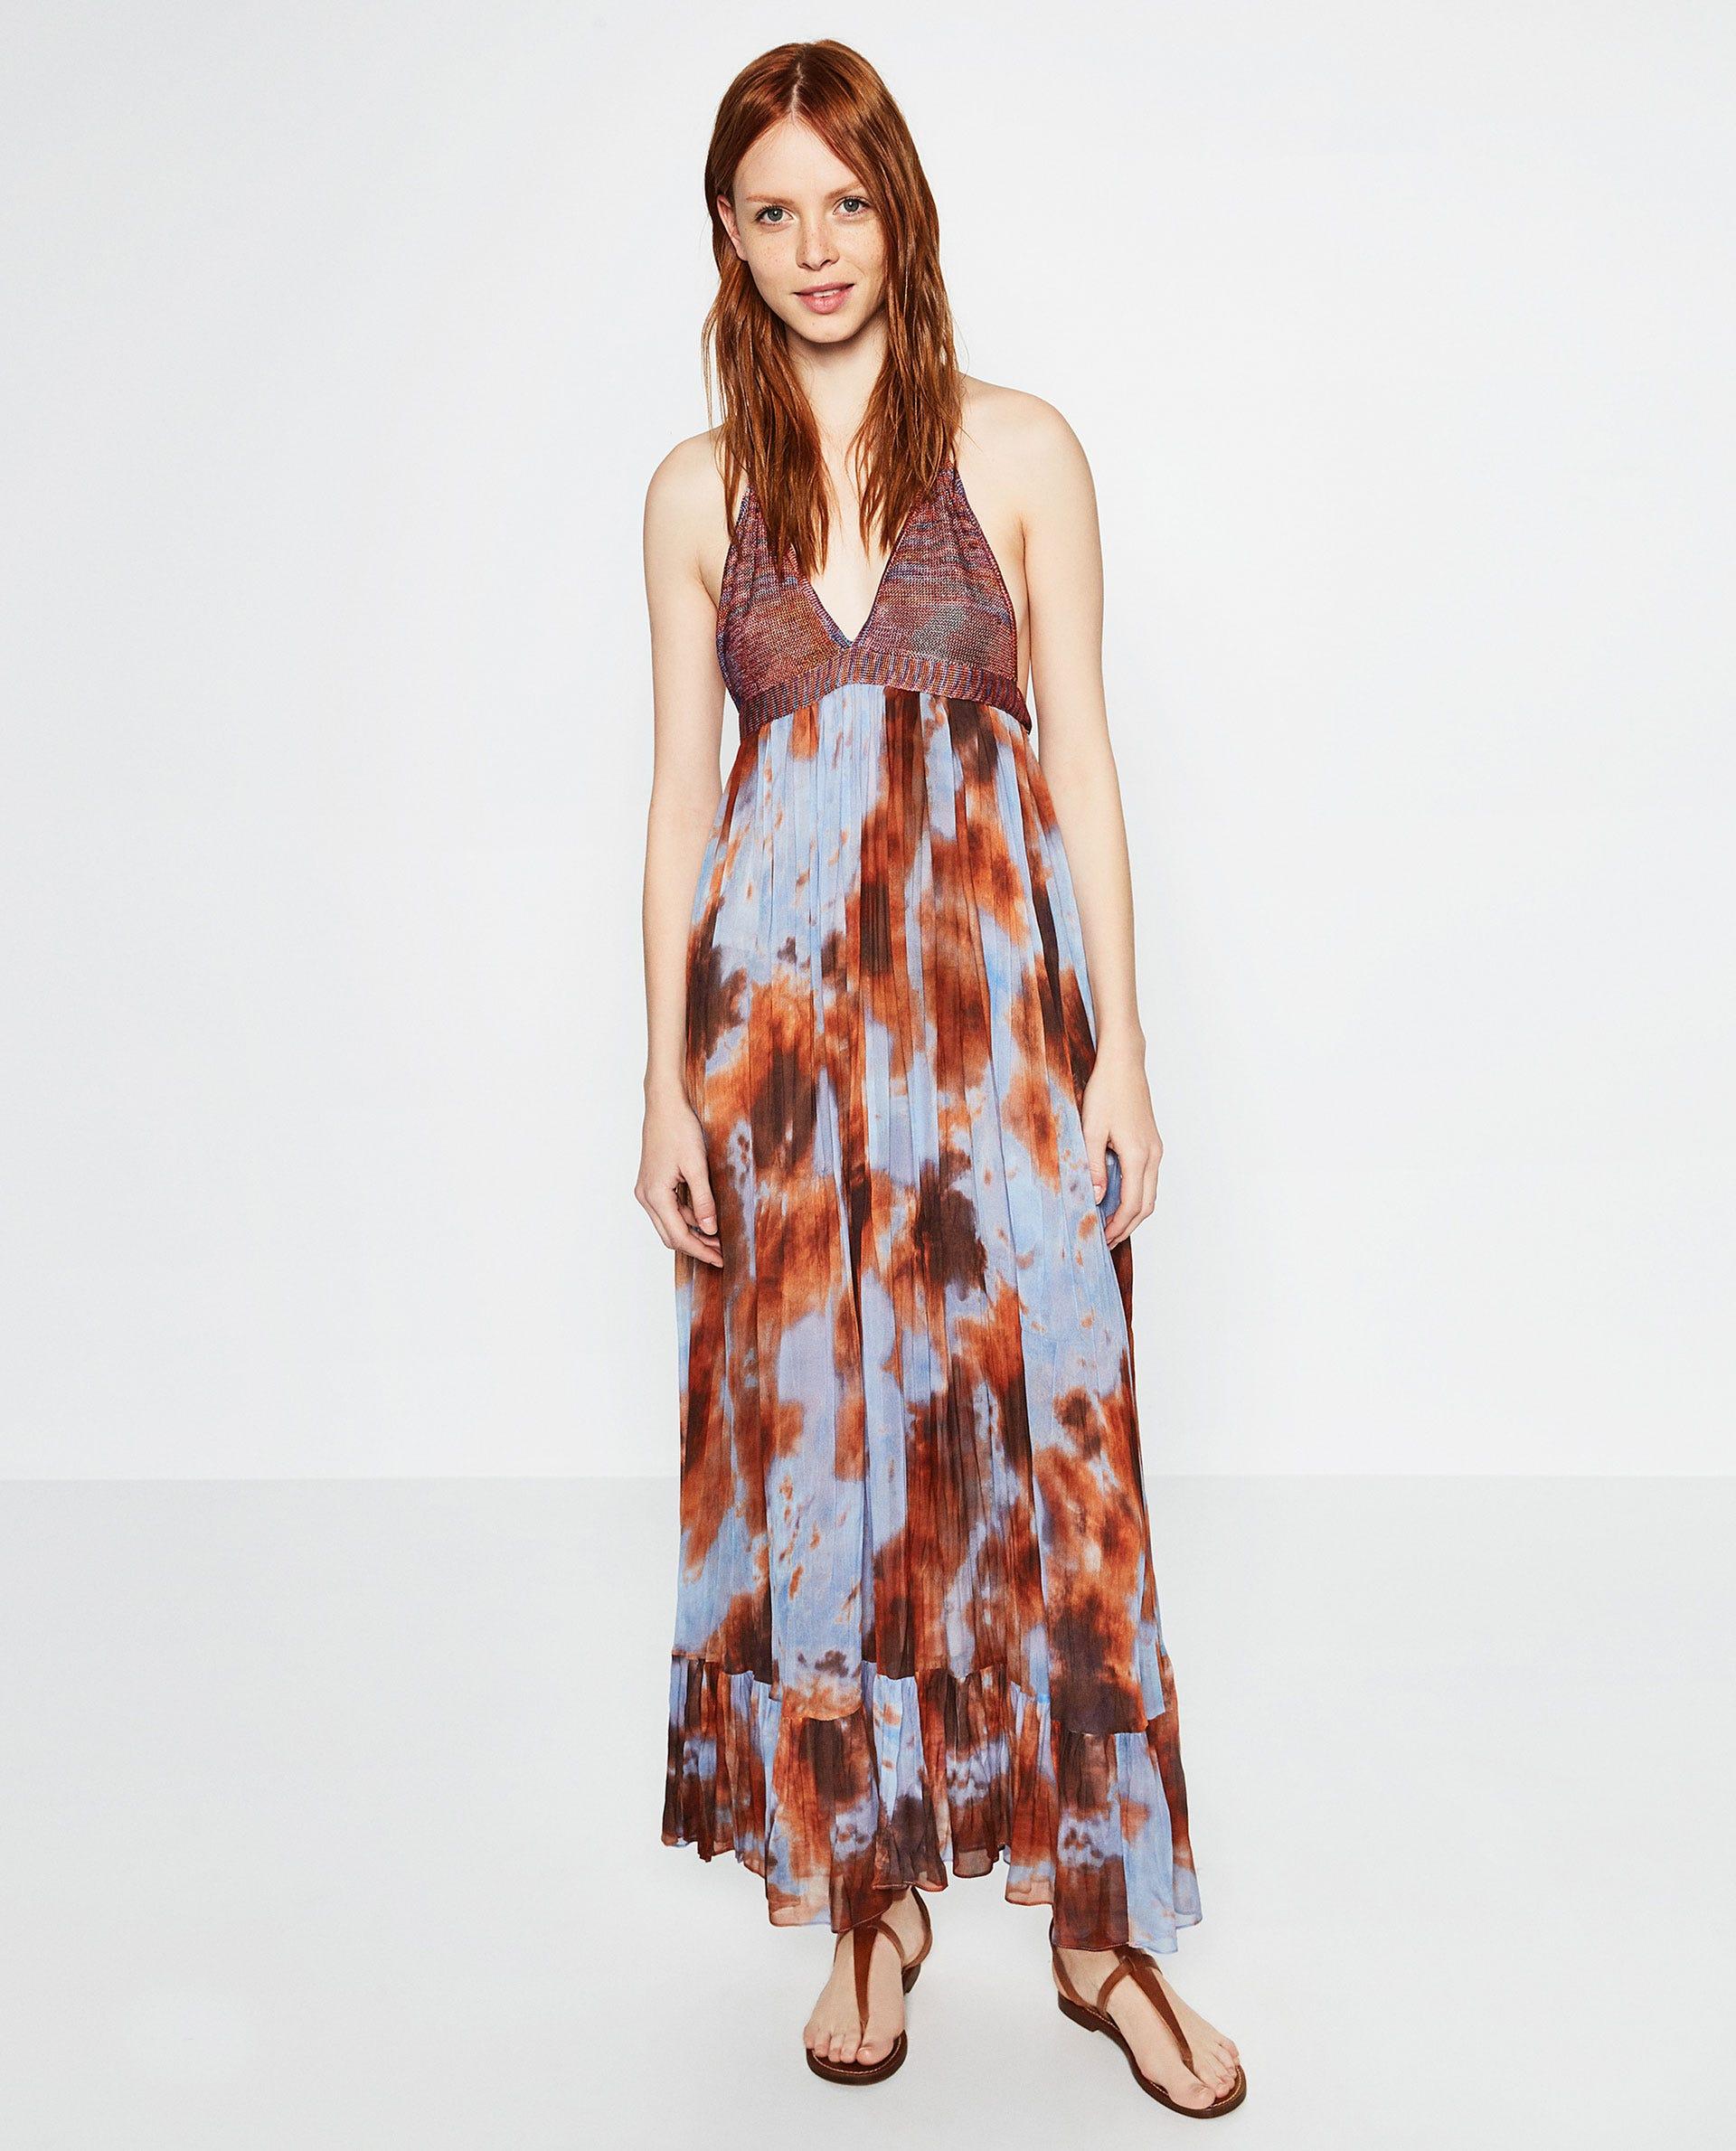 Tie Dye Dress 2018